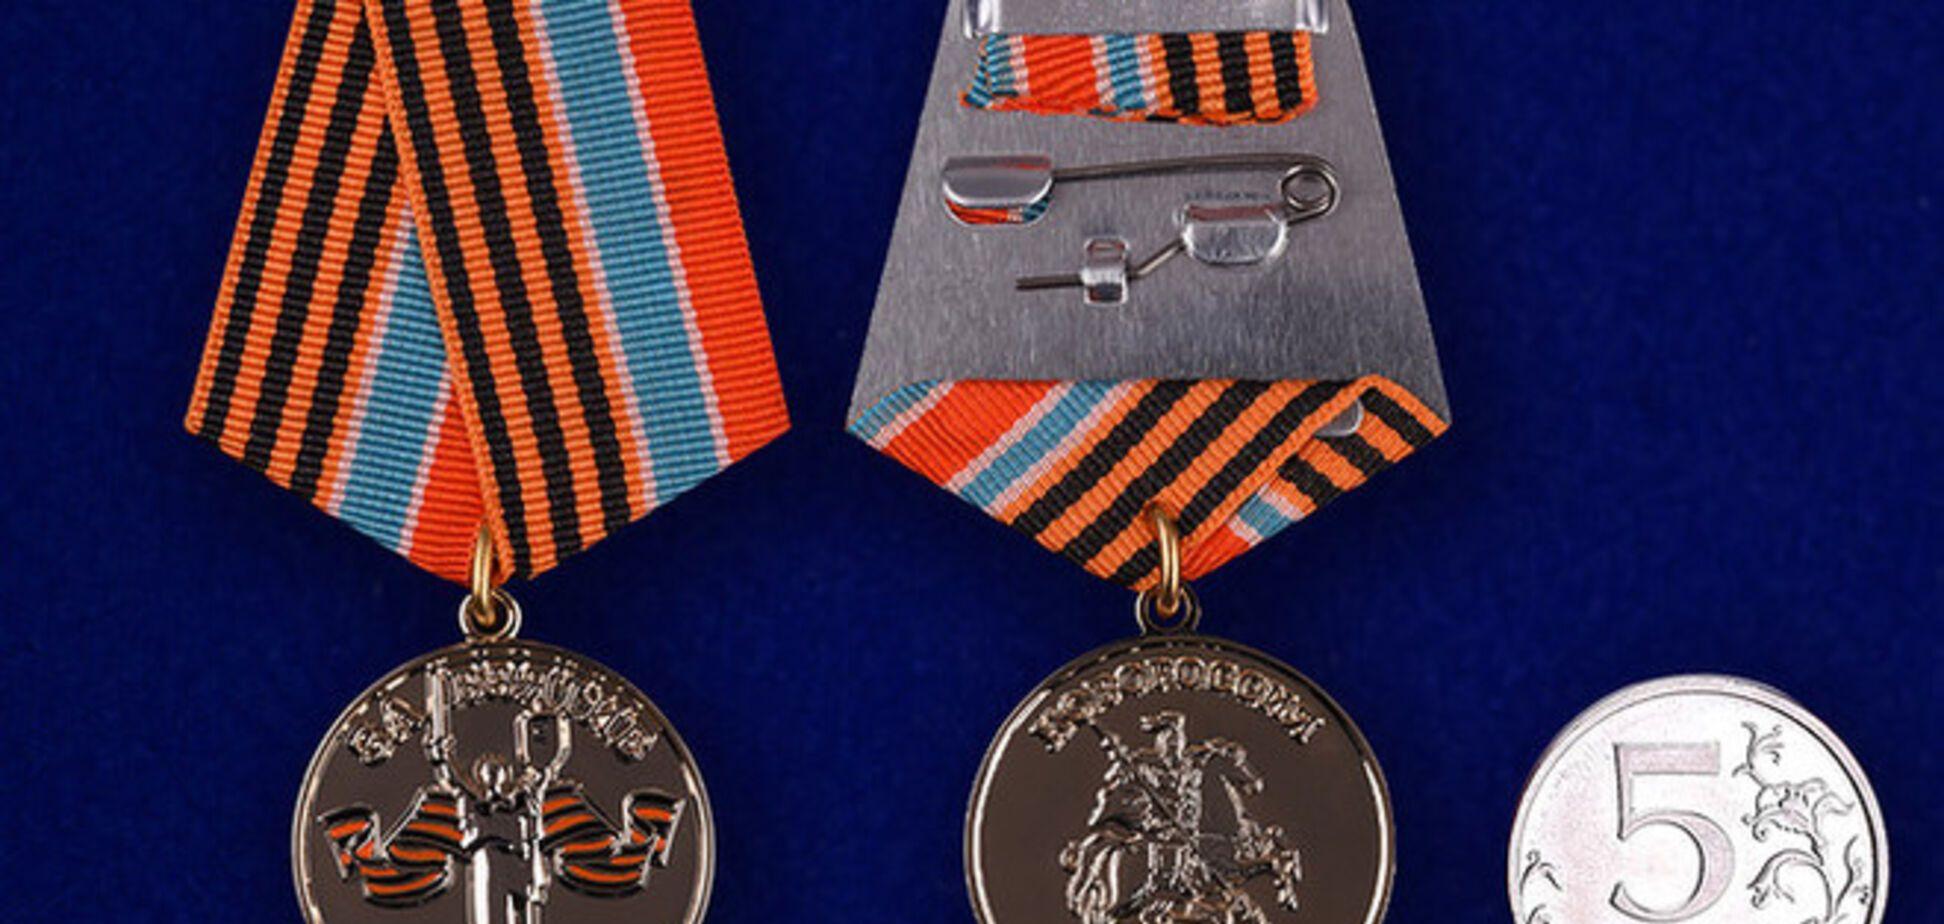 Маразм крепчал: оккупанты наштамповали медали за 'взятие Киева, Львова и Одессы'